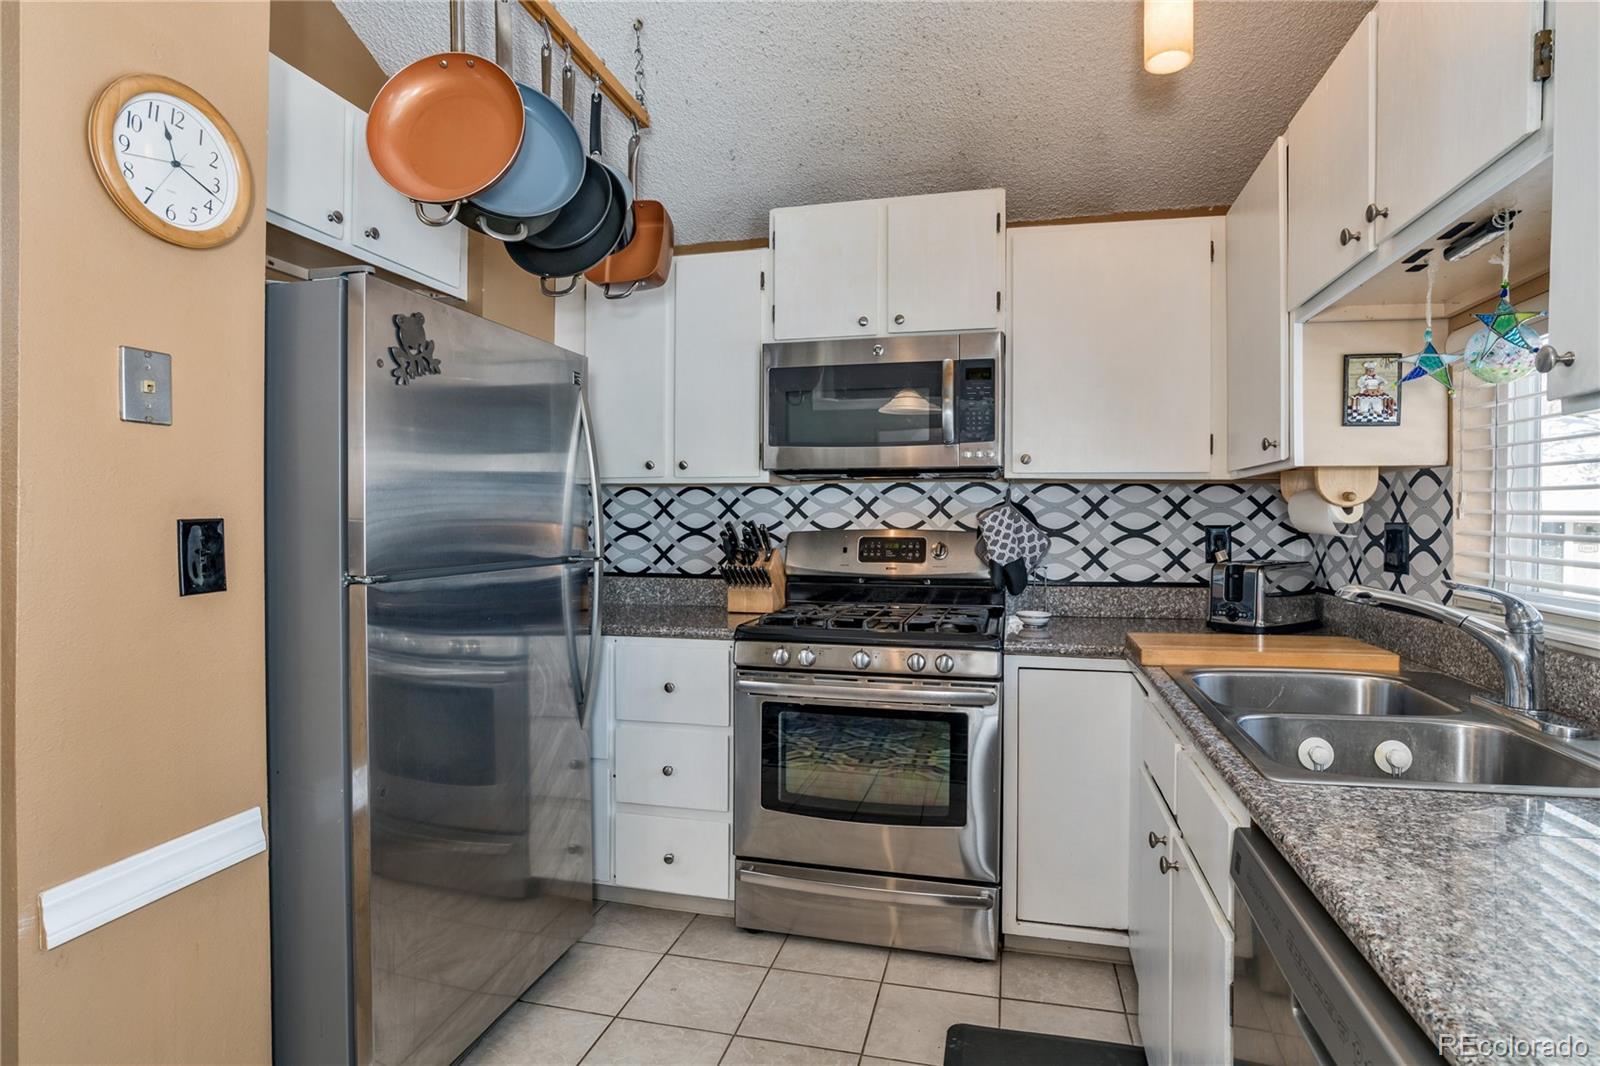 MLS# 9195470 - 11 - 10075 E Peakview Avenue, Englewood, CO 80111